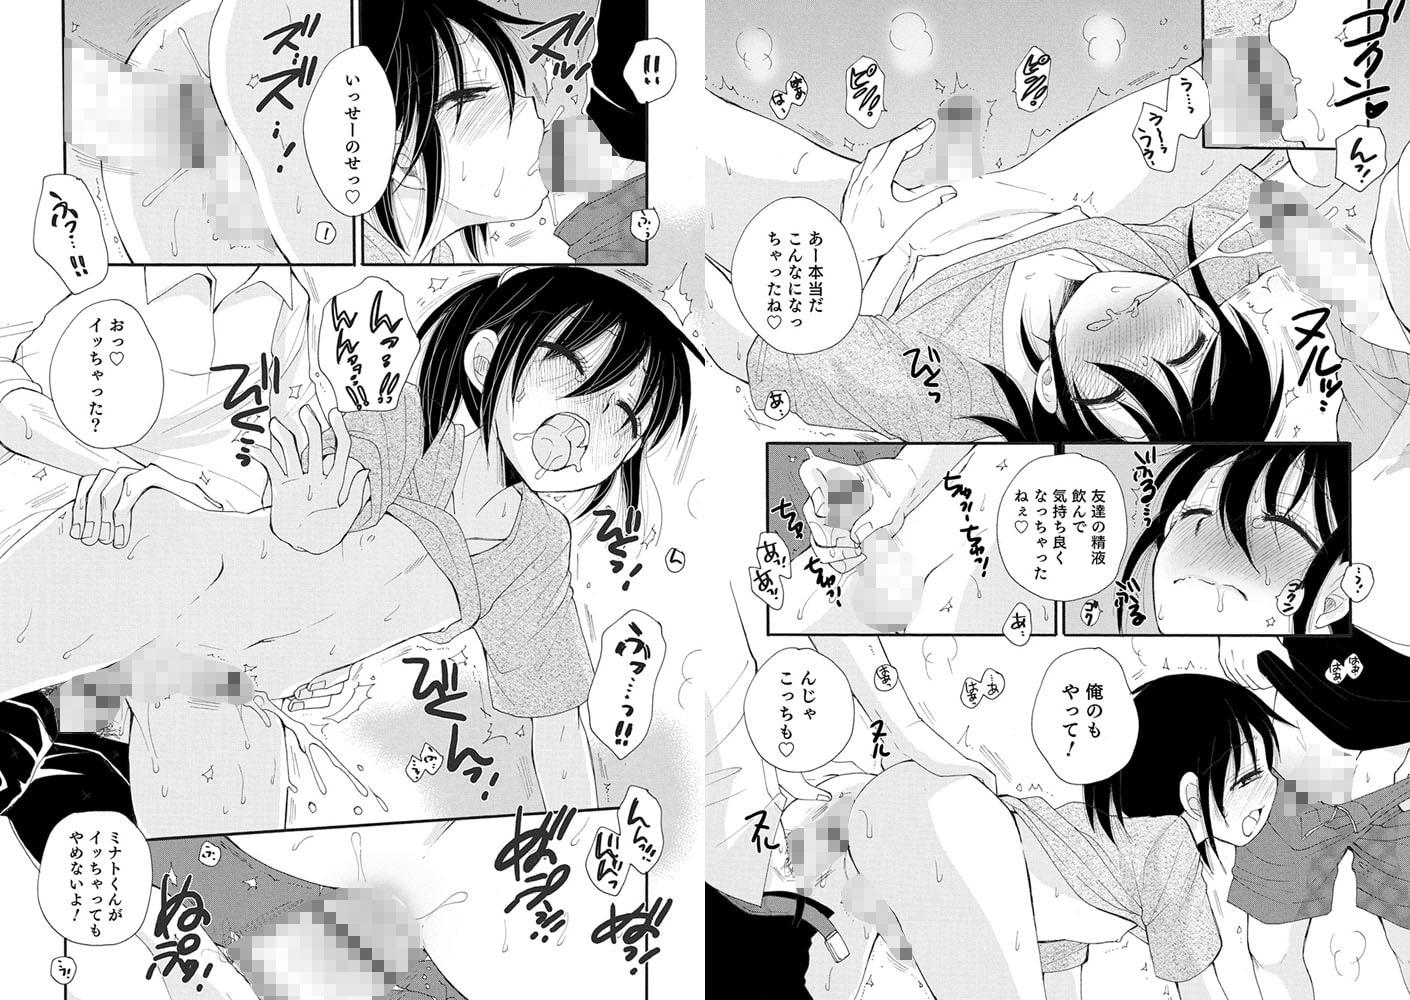 オトコのコHEAVEN Vol.52 濡れたニーハイ 美脚男の娘のサンプル画像